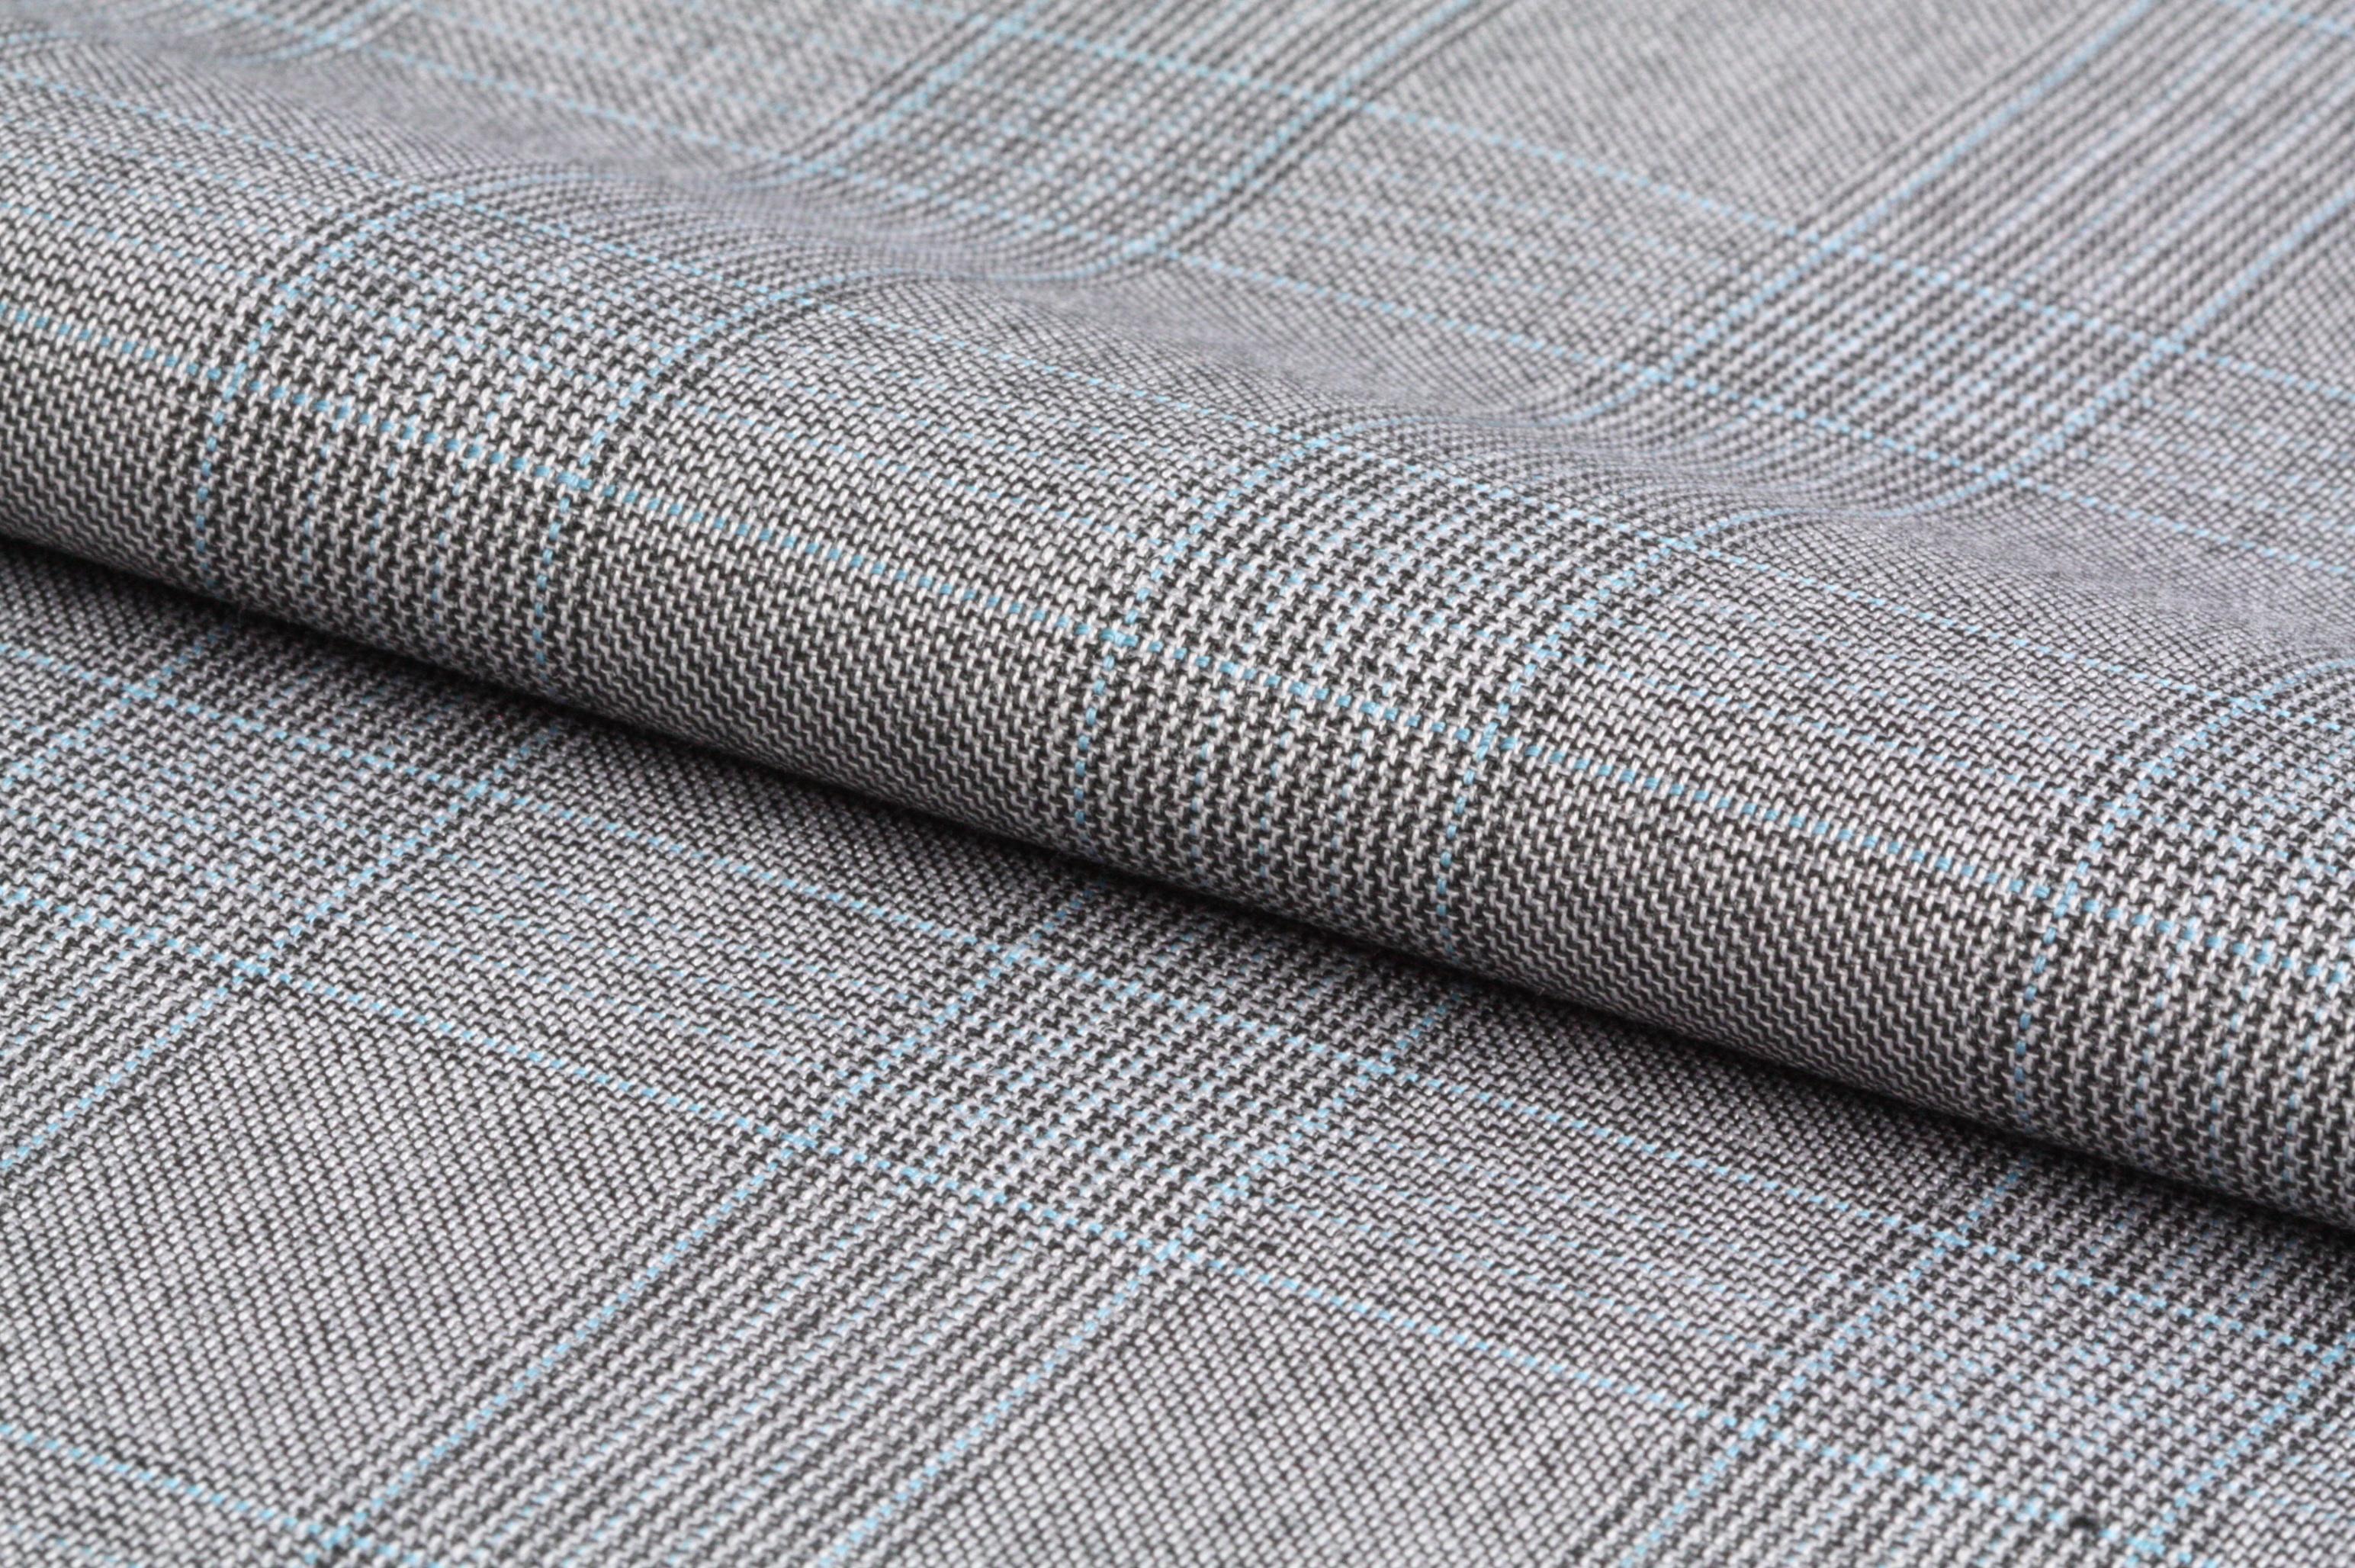 Kostenlose foto : Stock, Muster, Material, Tischdecke, Textil-, Netz ...